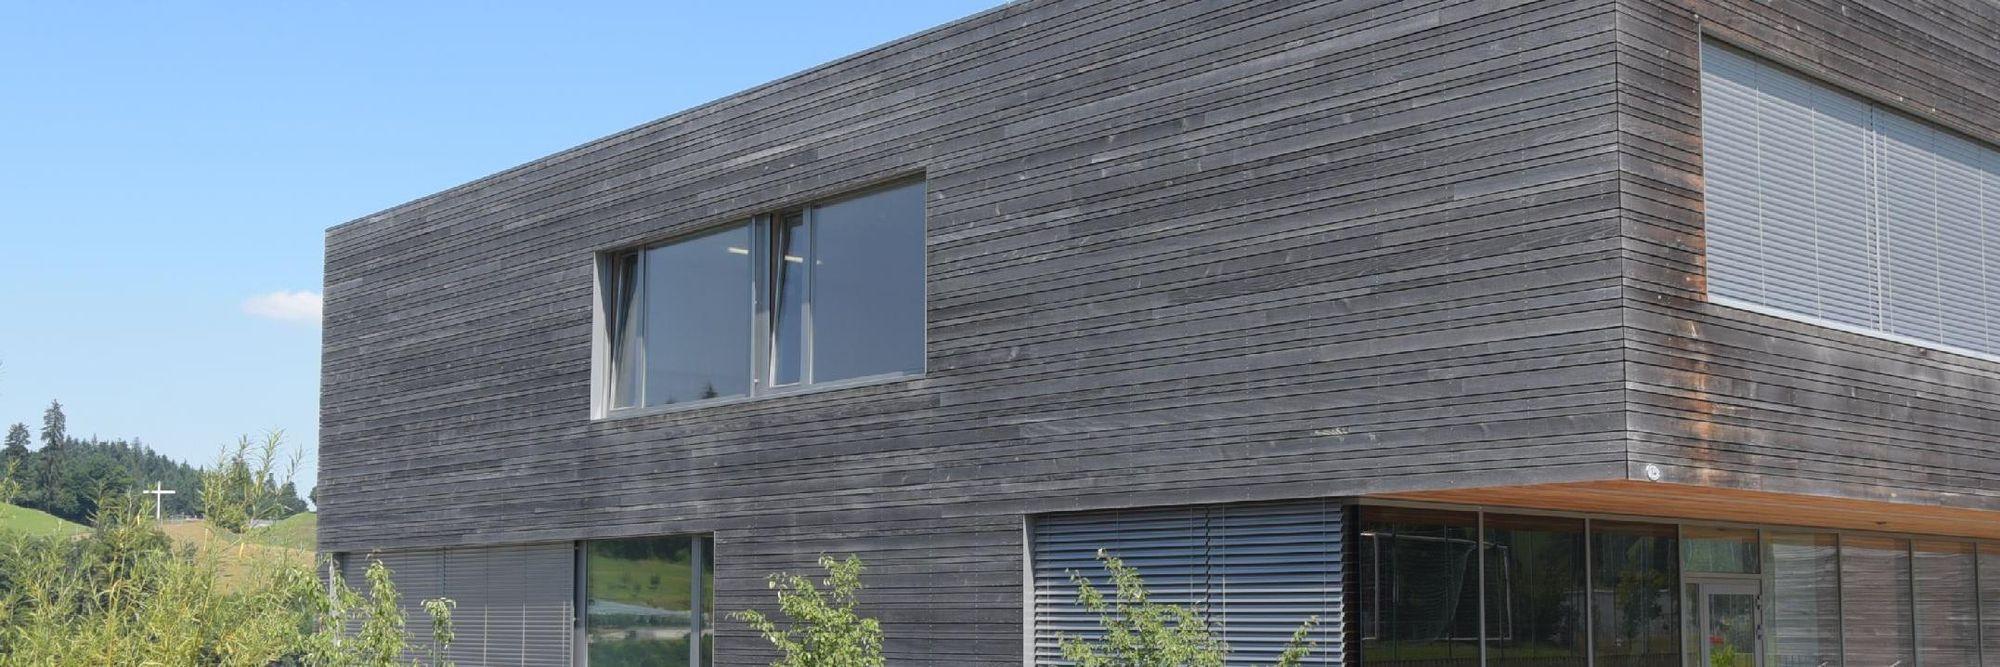 ch douglasie hochbeet terrassenboden fassaden gebr. Black Bedroom Furniture Sets. Home Design Ideas